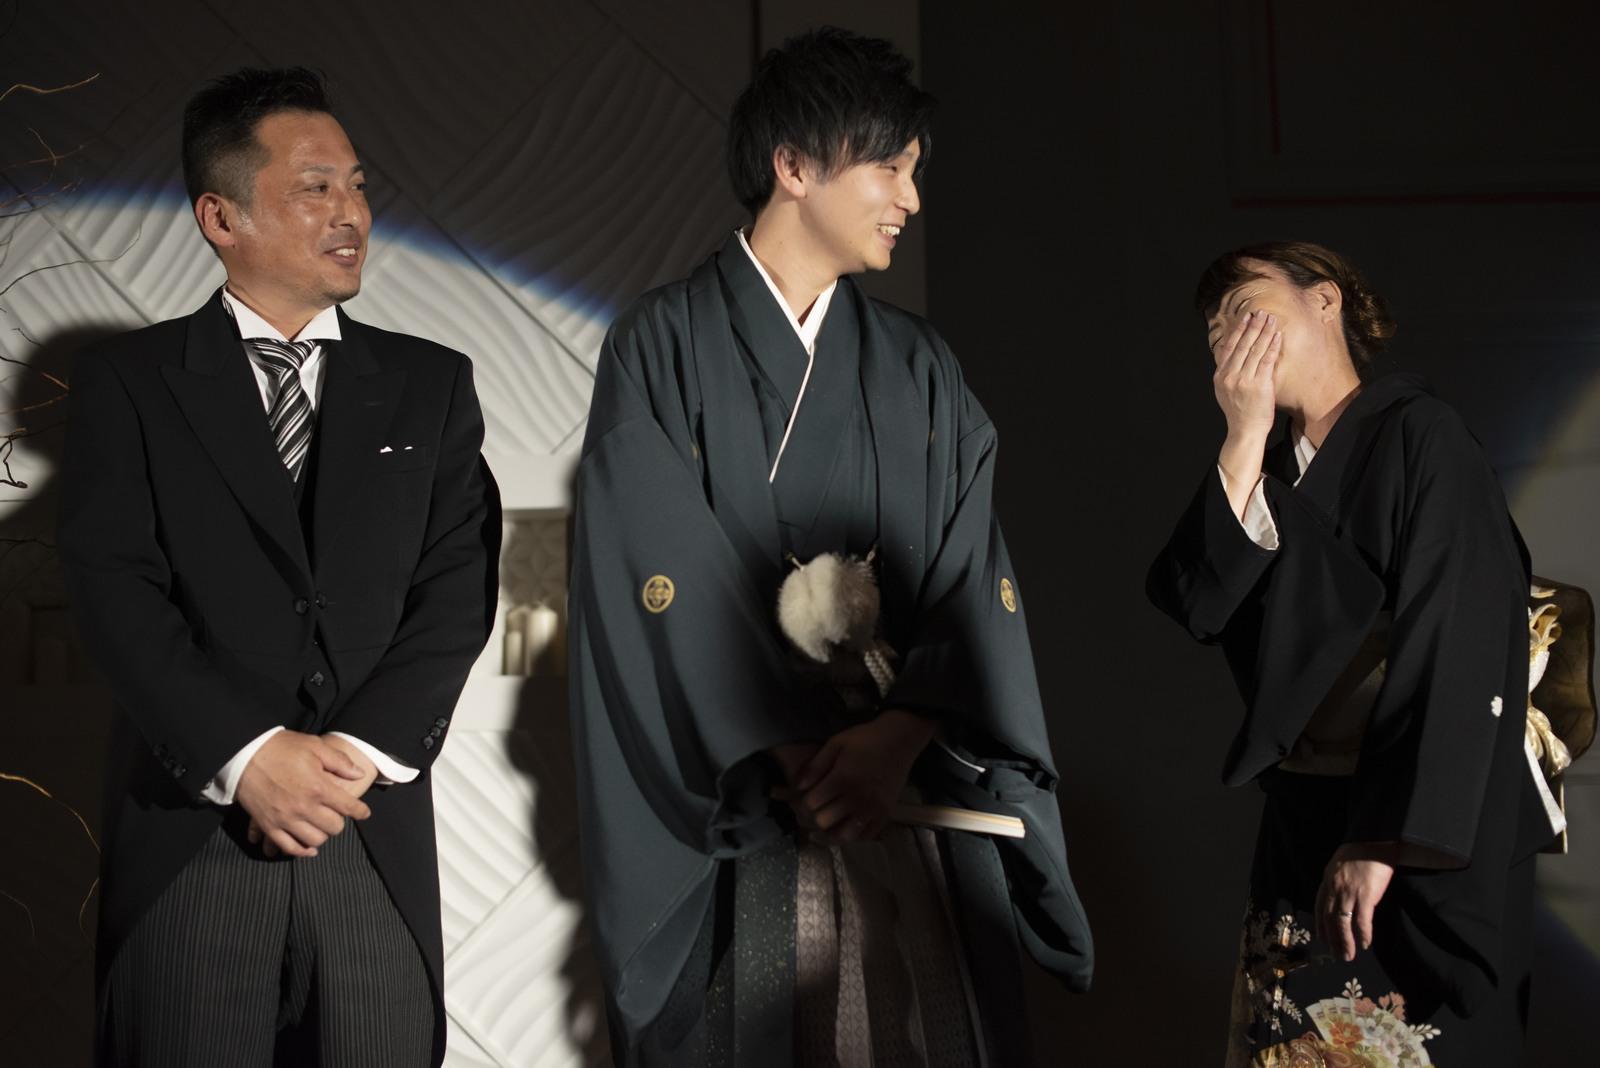 徳島市の結婚式場ブランアンジュで新郎様お色直しも袴で登場